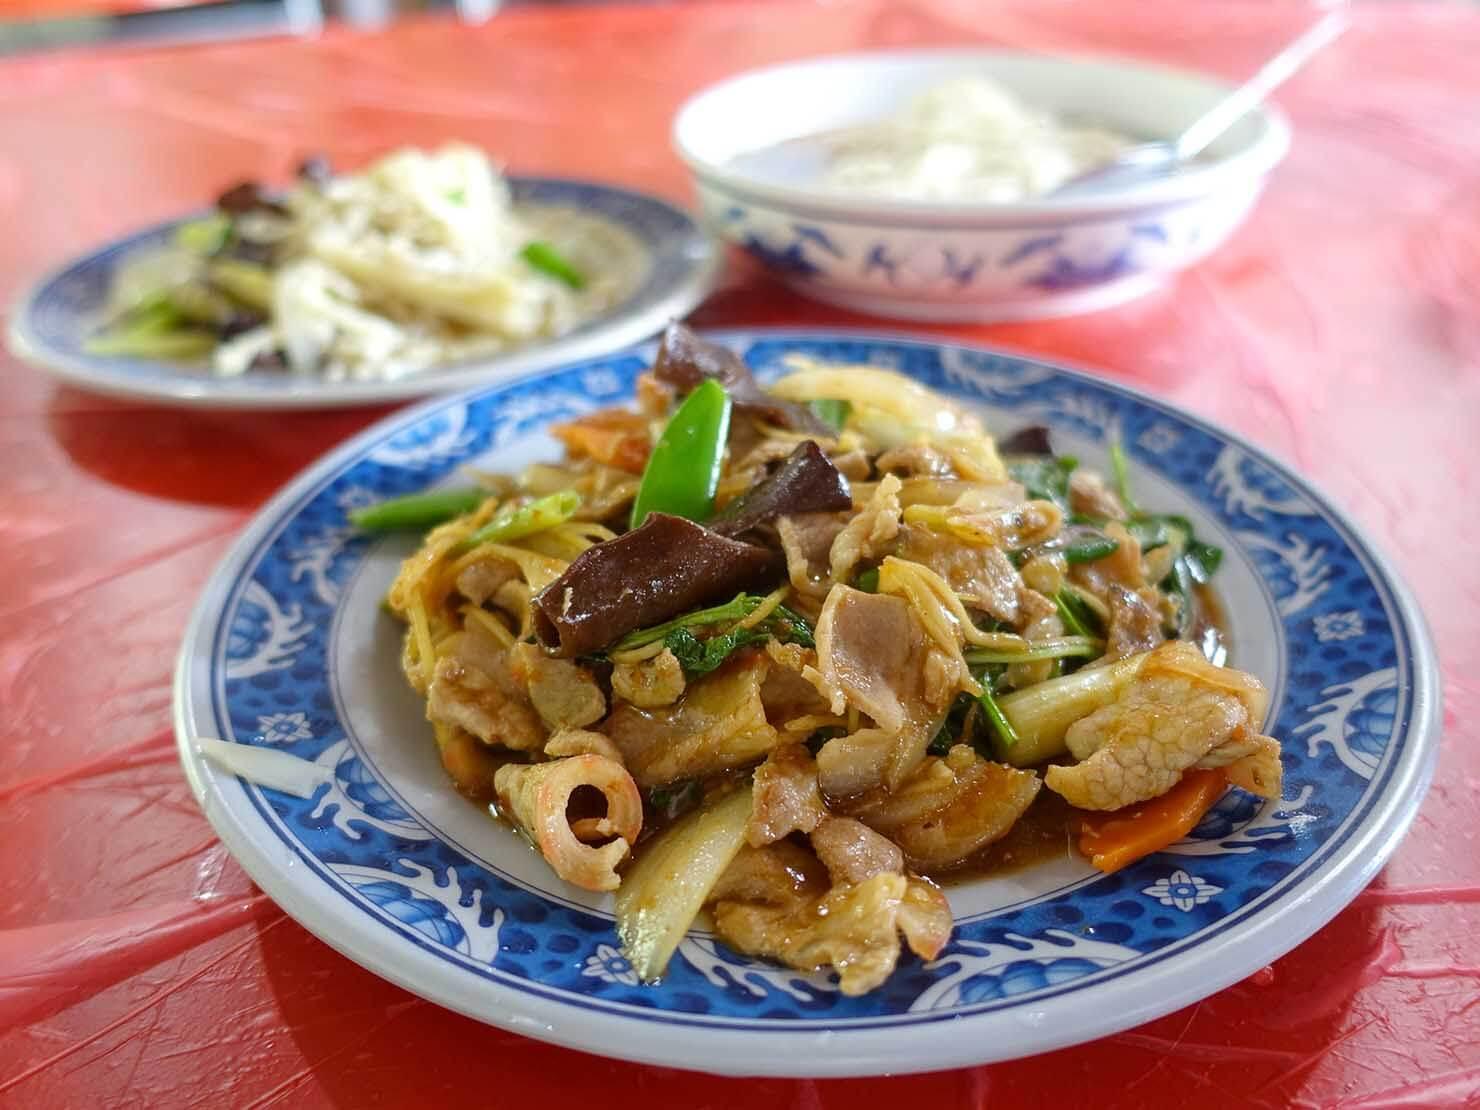 台北・陽明山のおすすめスポット「竹子湖」のレストランで食事